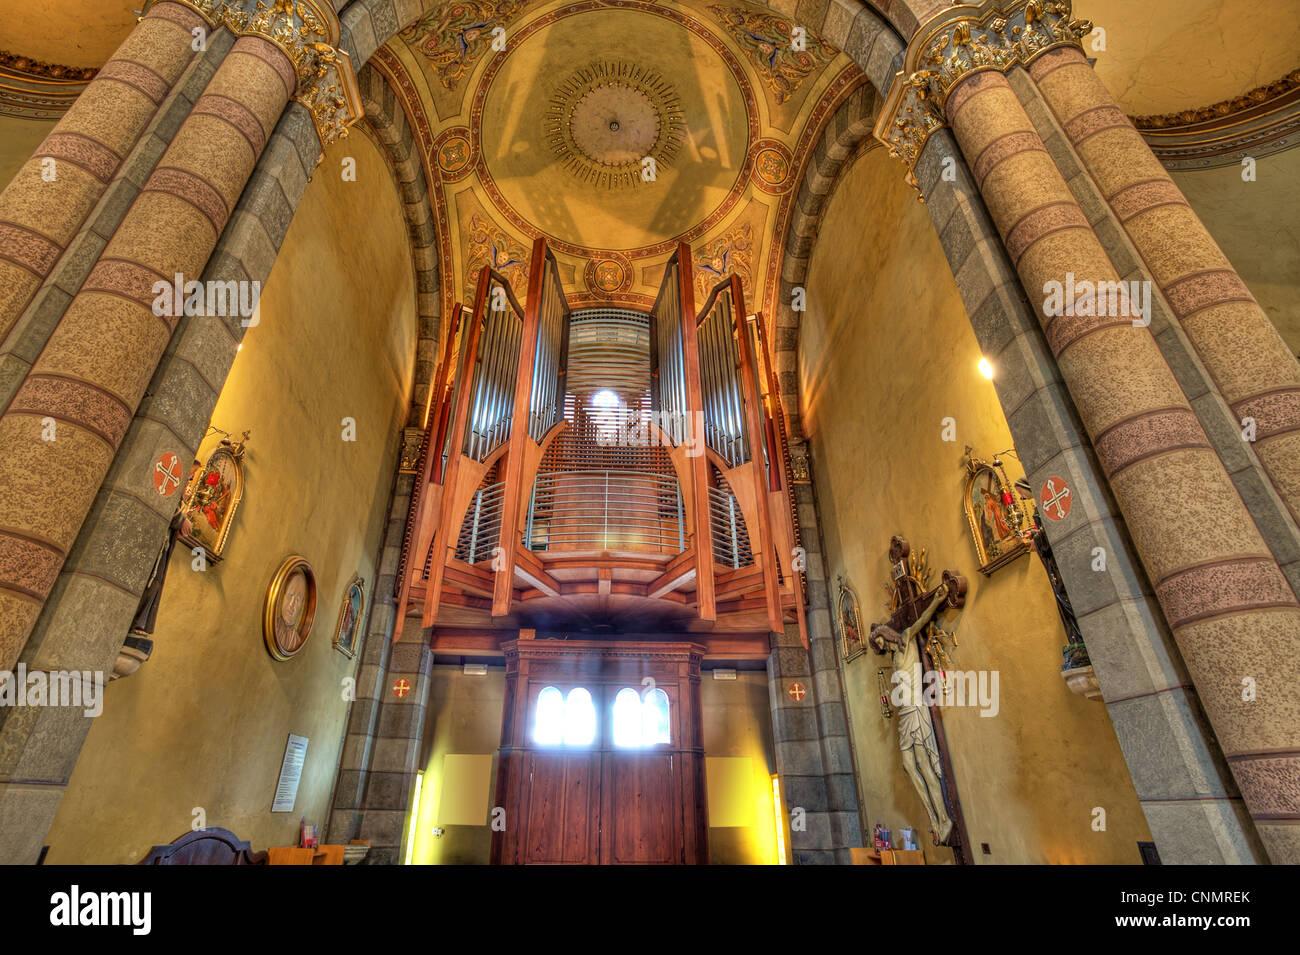 Avis sur l'orgue à tuyaux à l'intérieur de l'église catholique Madonna Moretta à Photo Stock